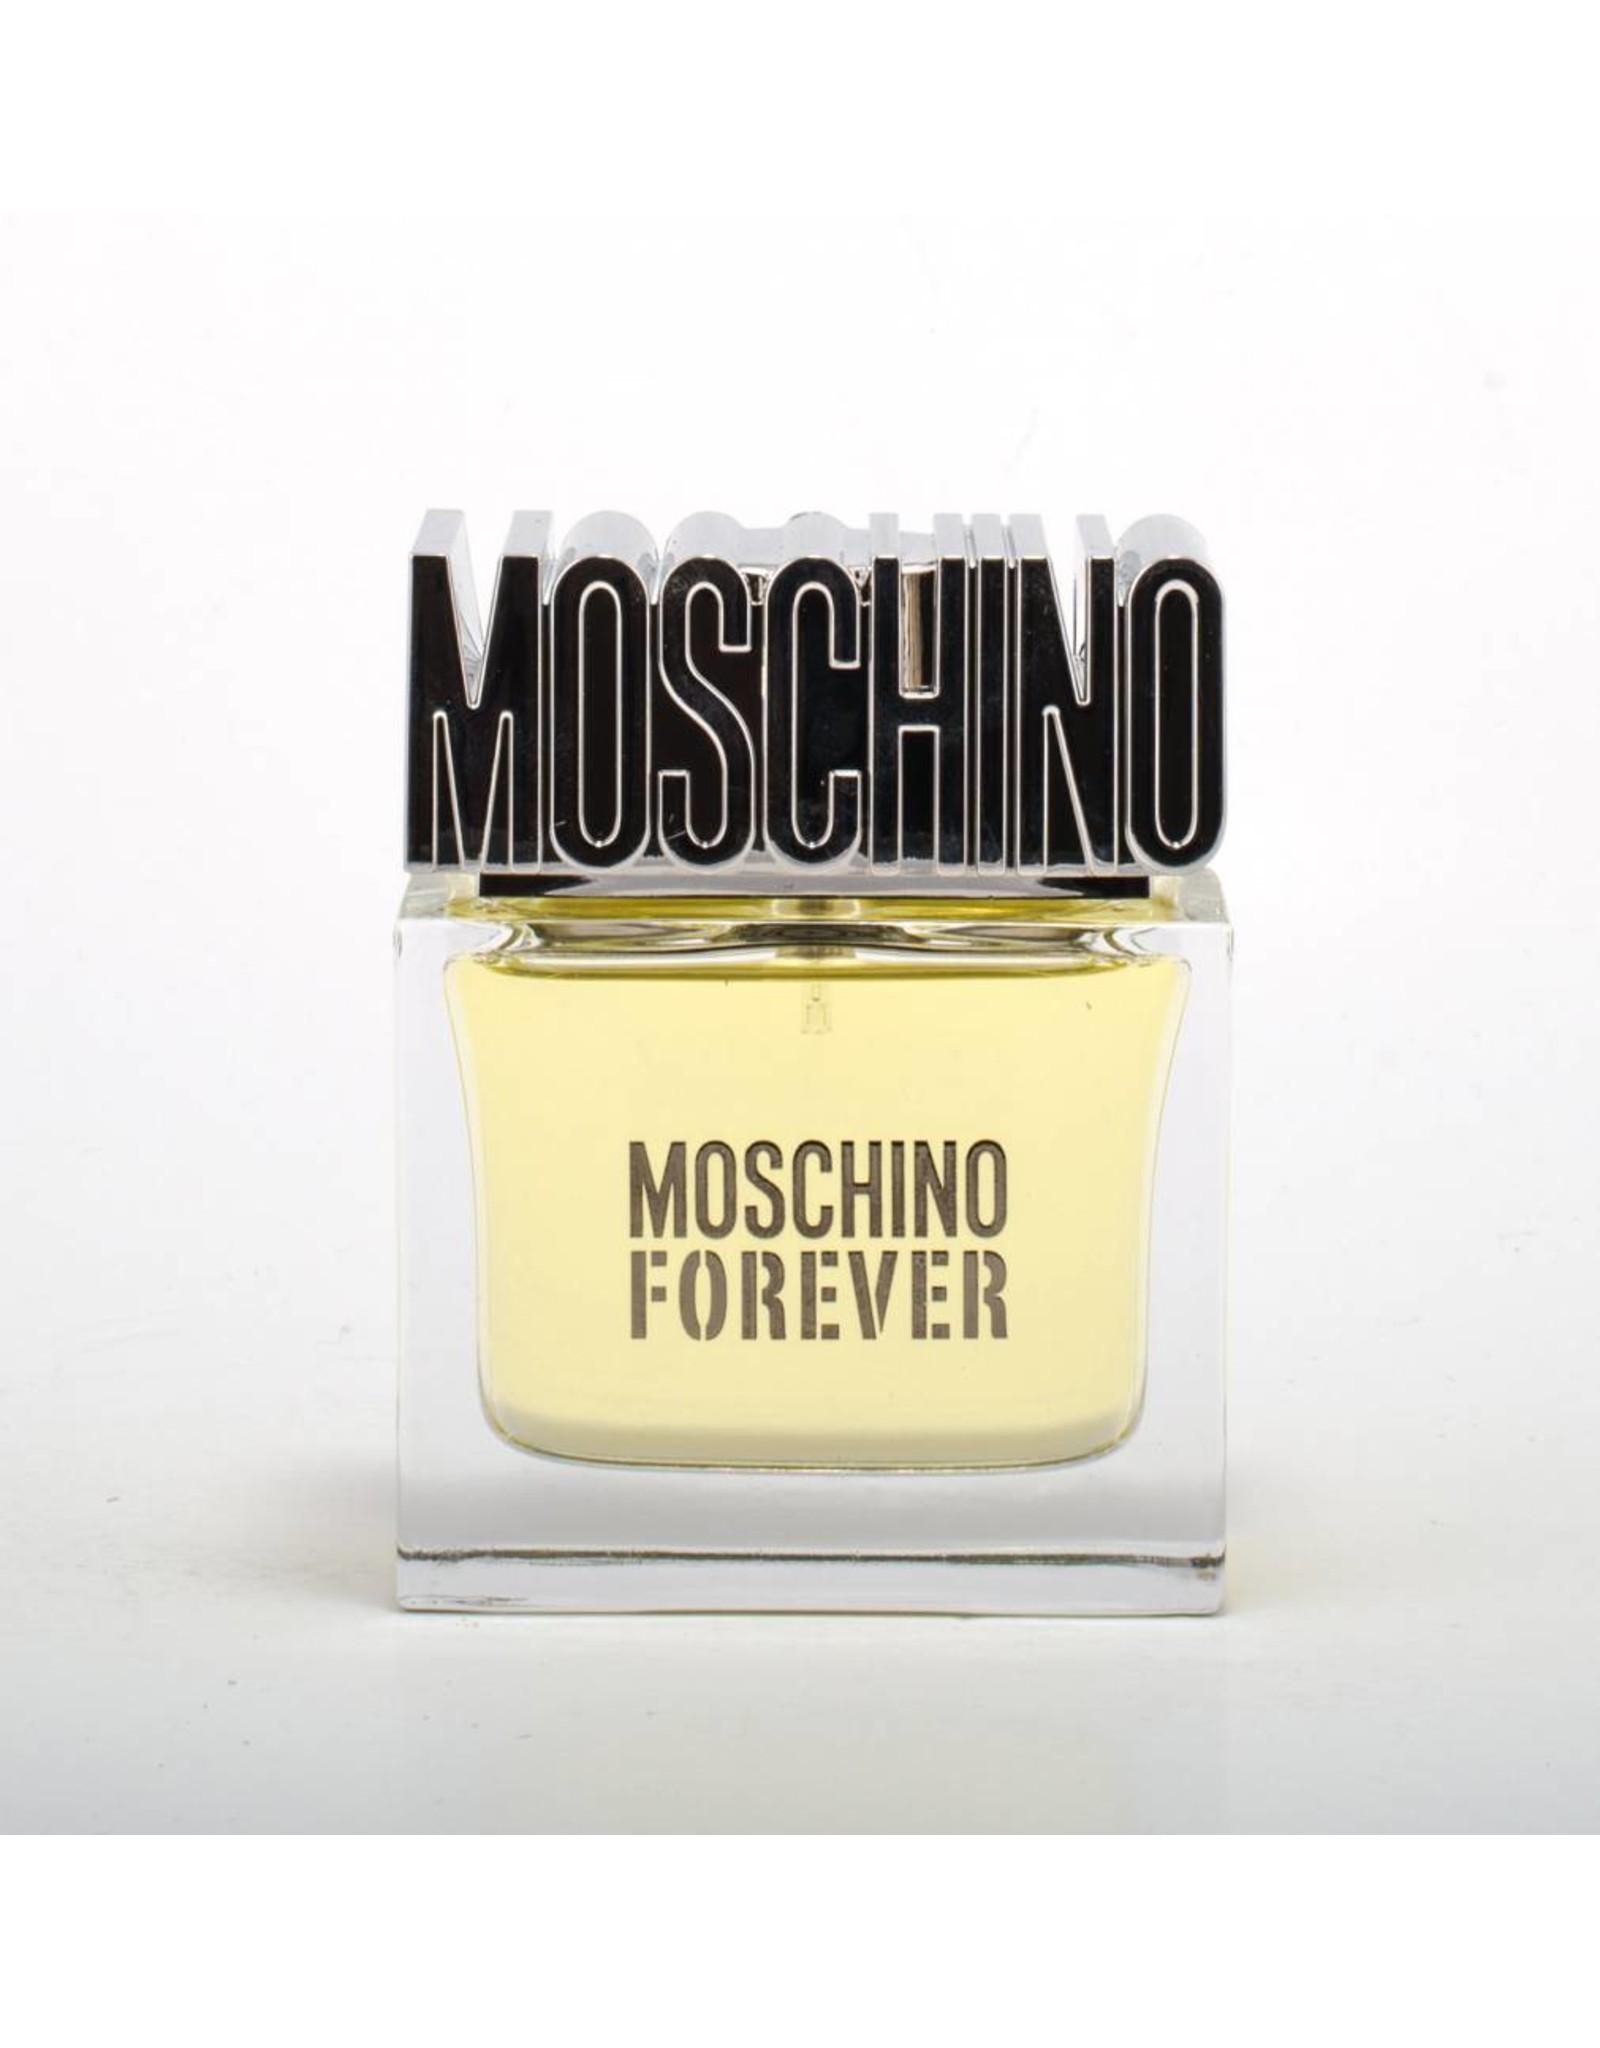 MOSCHINO MOSCHINO FOREVER